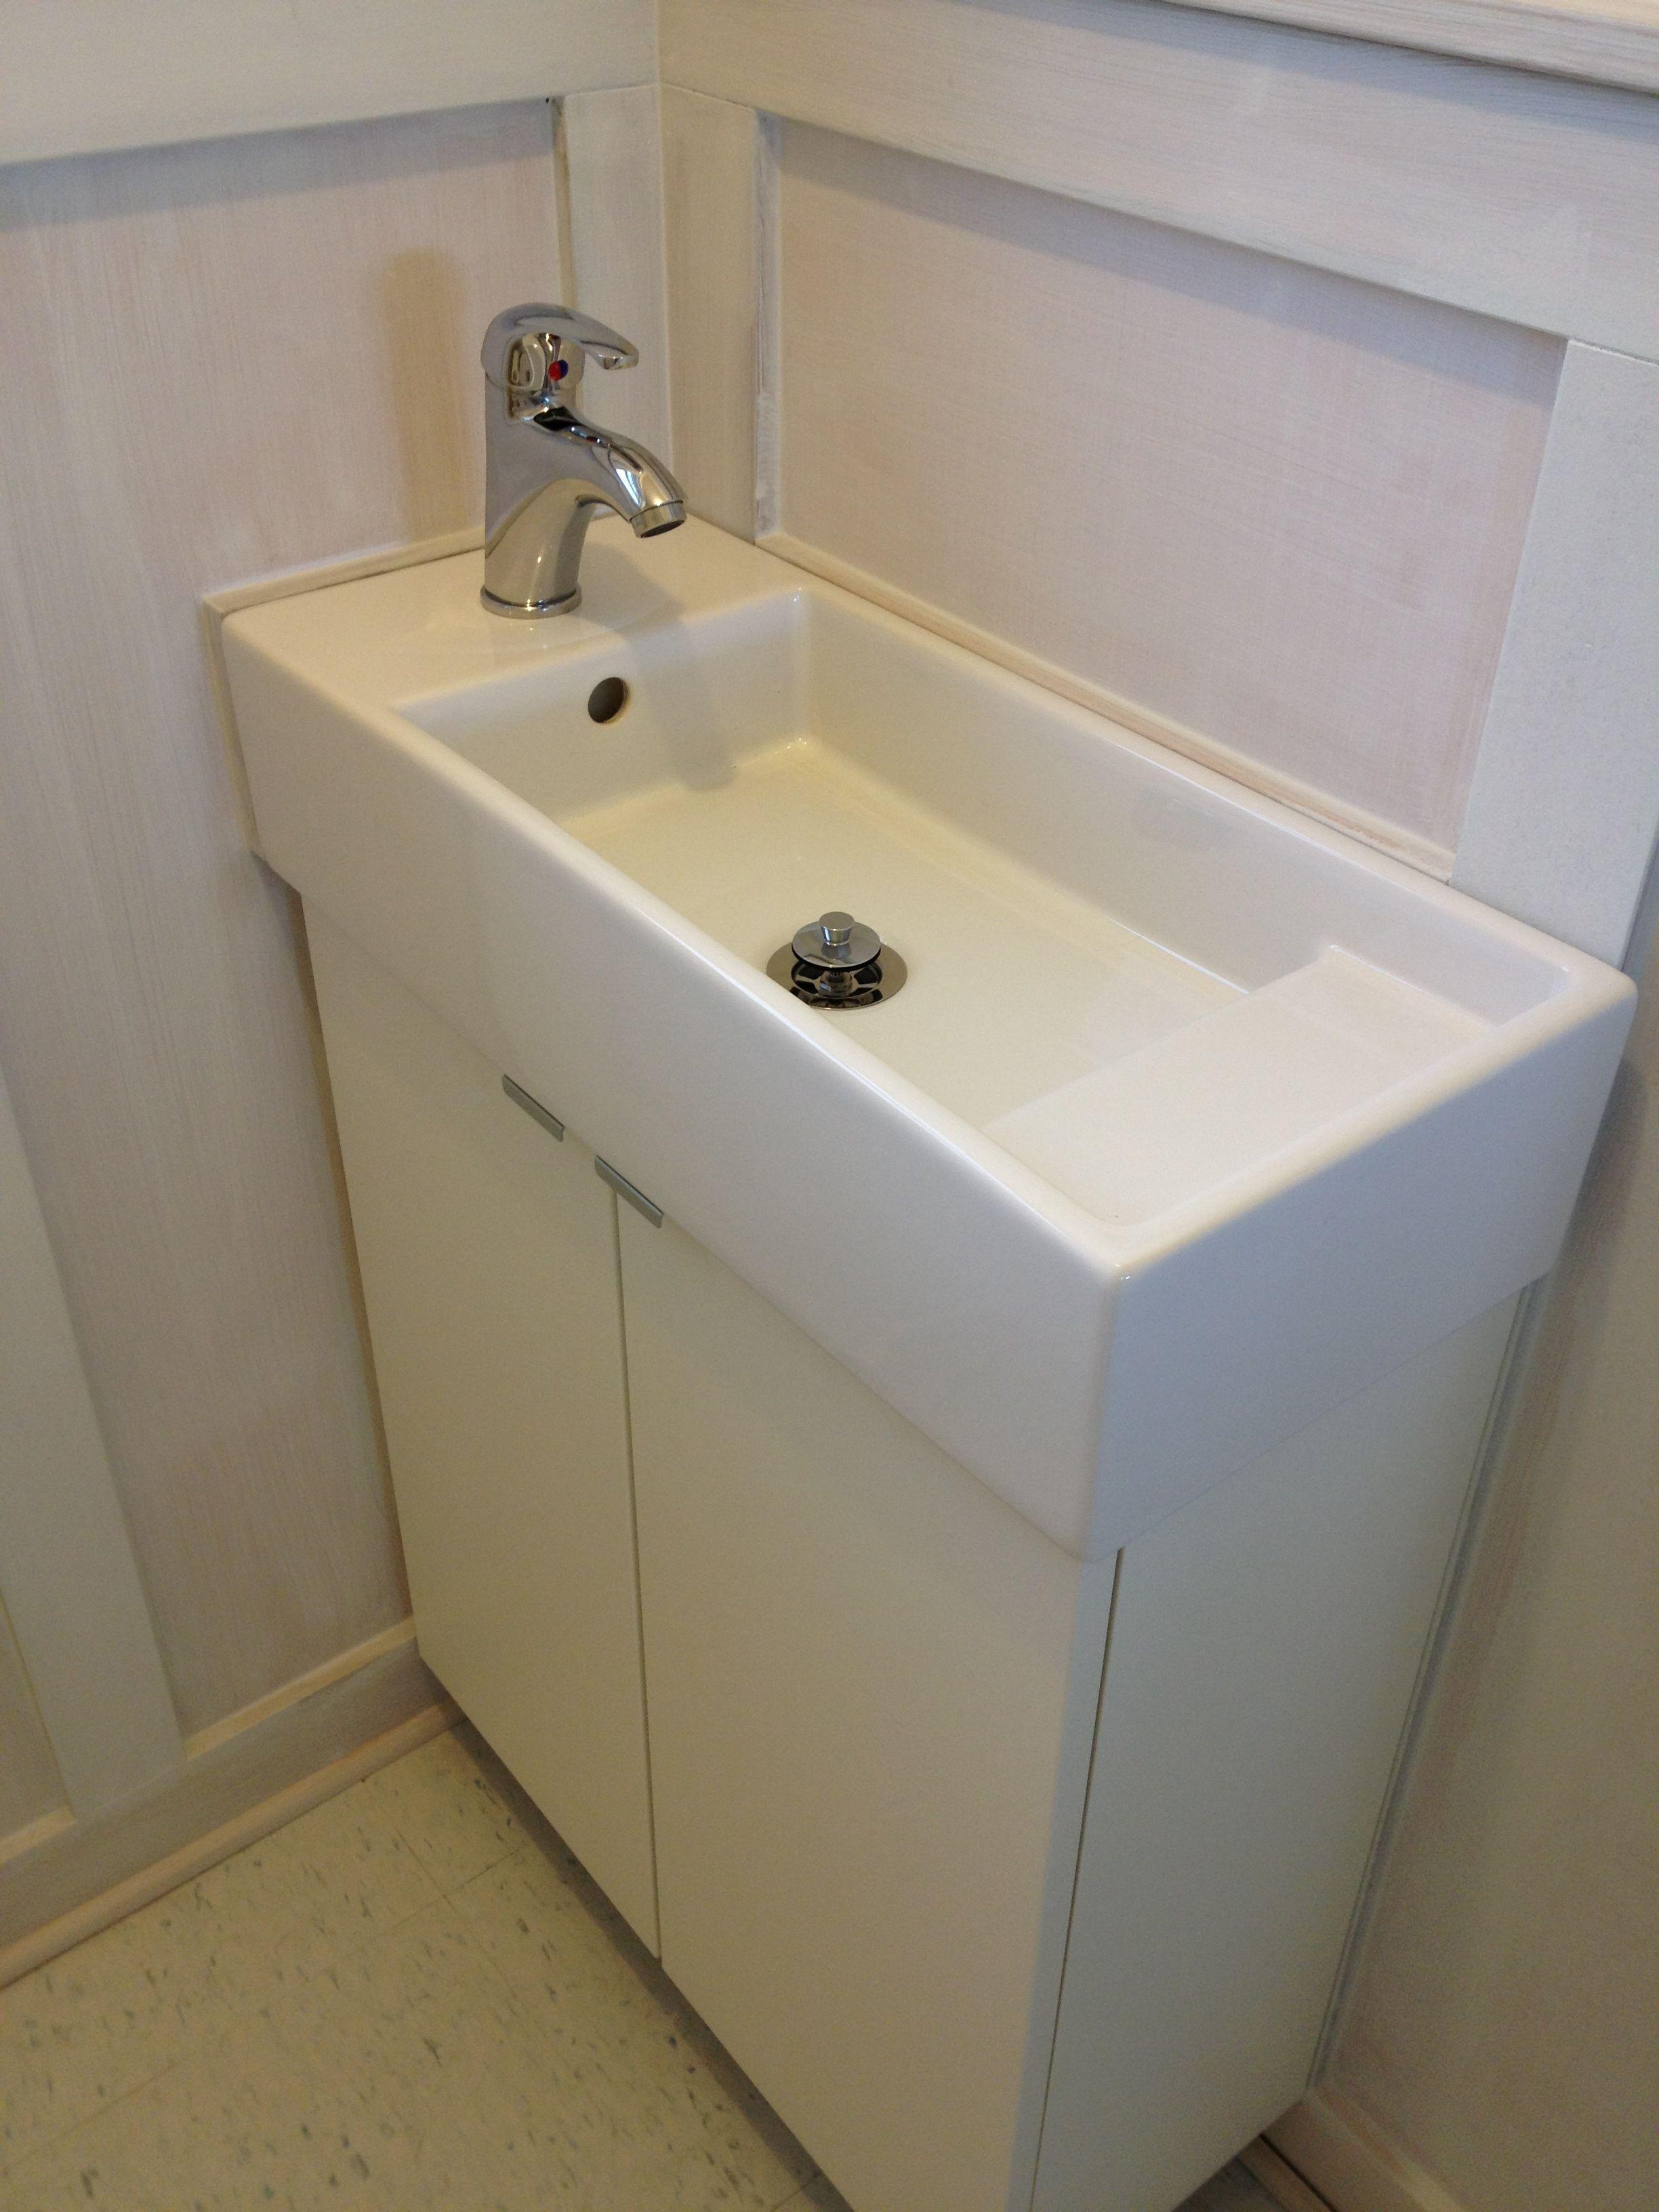 Cute Side Ways Ikea Sink Ikea Bathroom Sinks Pedestal Sink